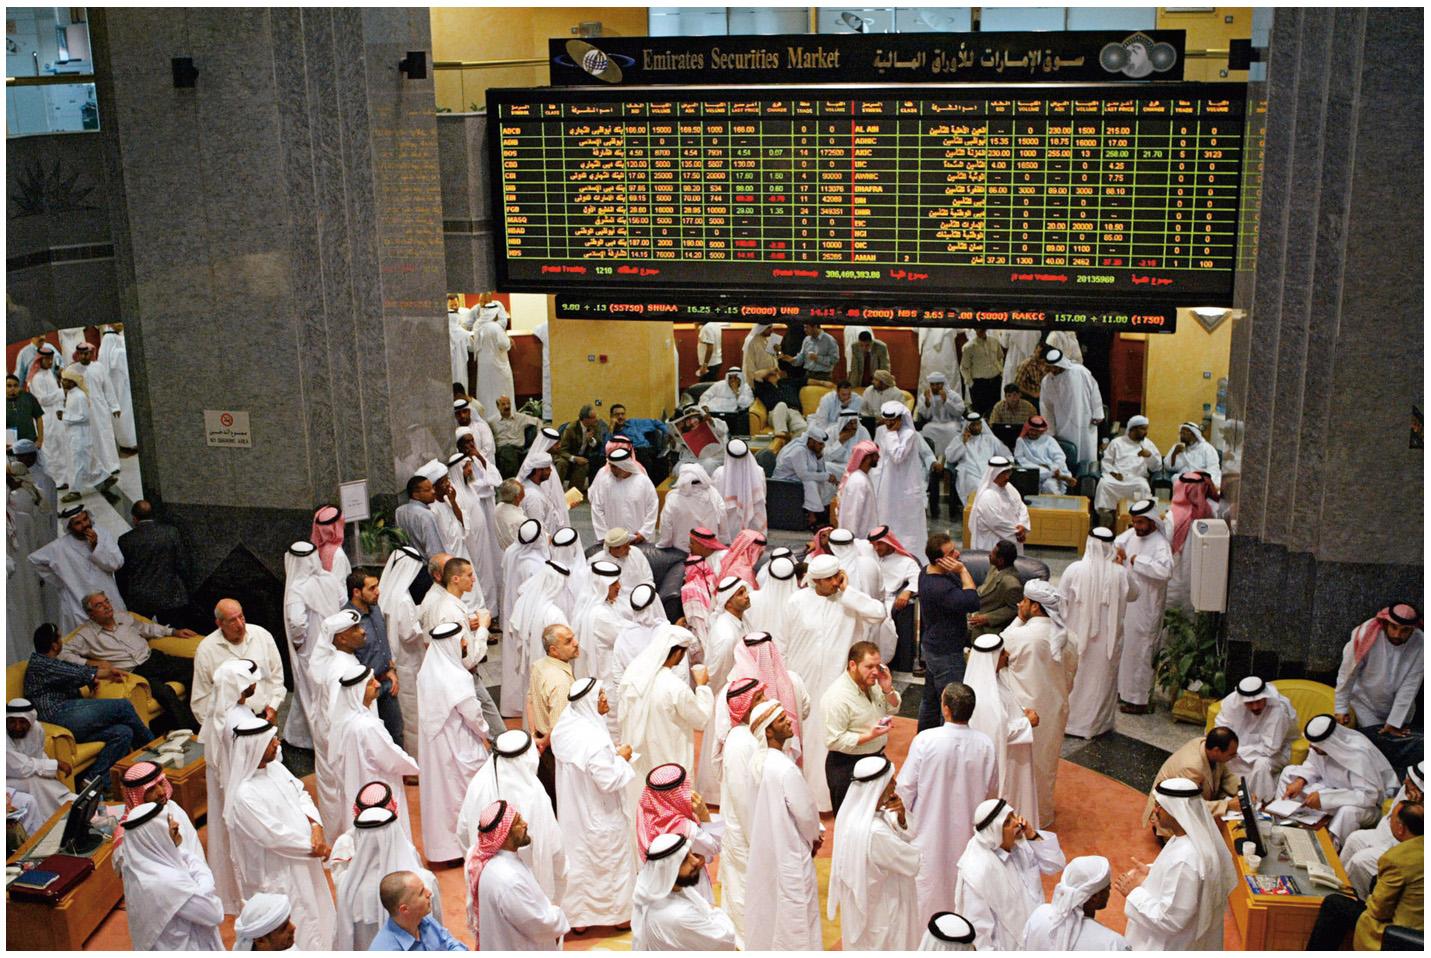 تحديد عطلة العيد للأسواق المالية